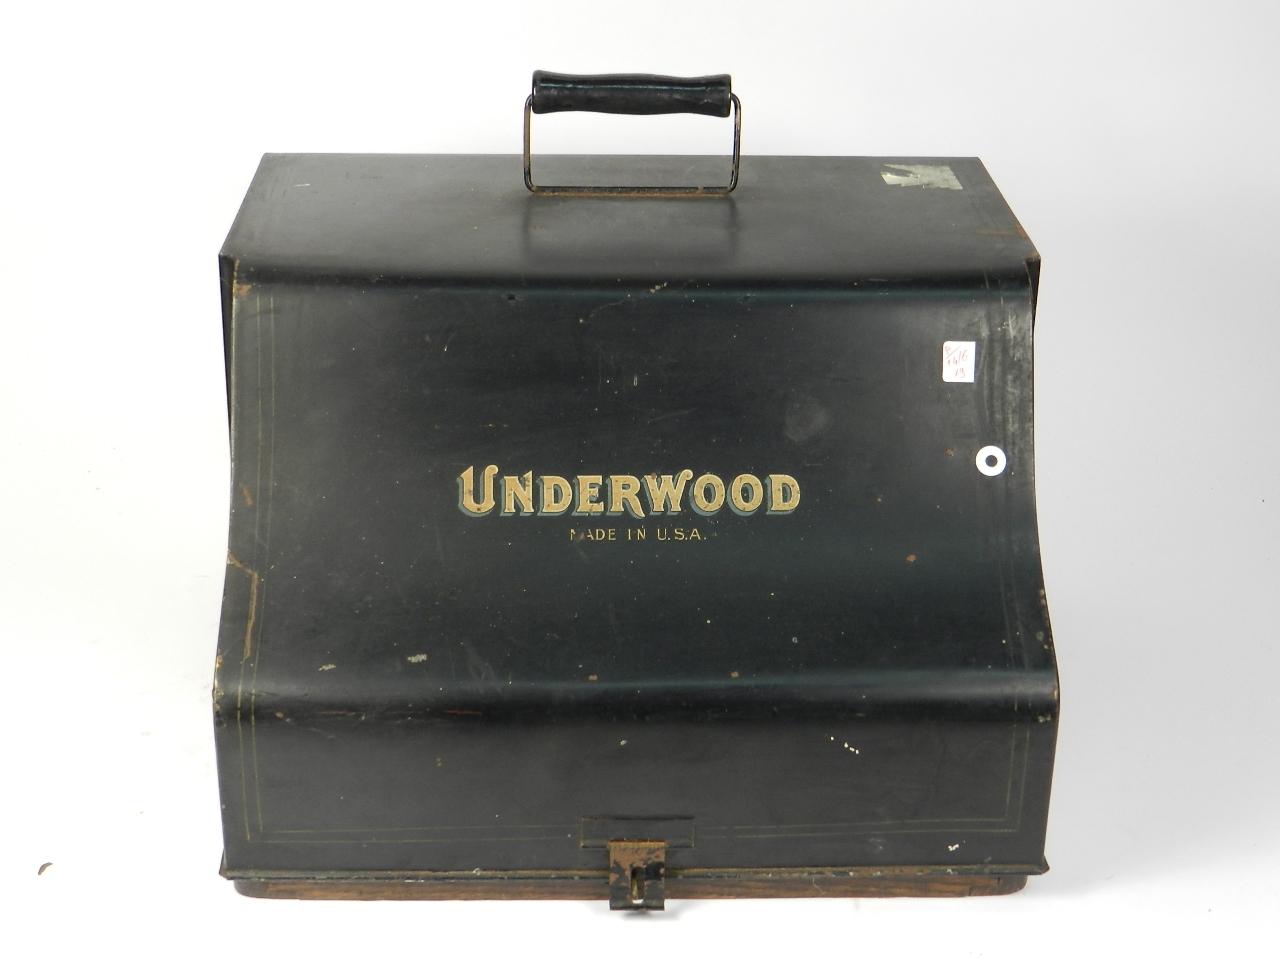 Imagen UNDERWOOD  Nº5  AÑO 1918 30916